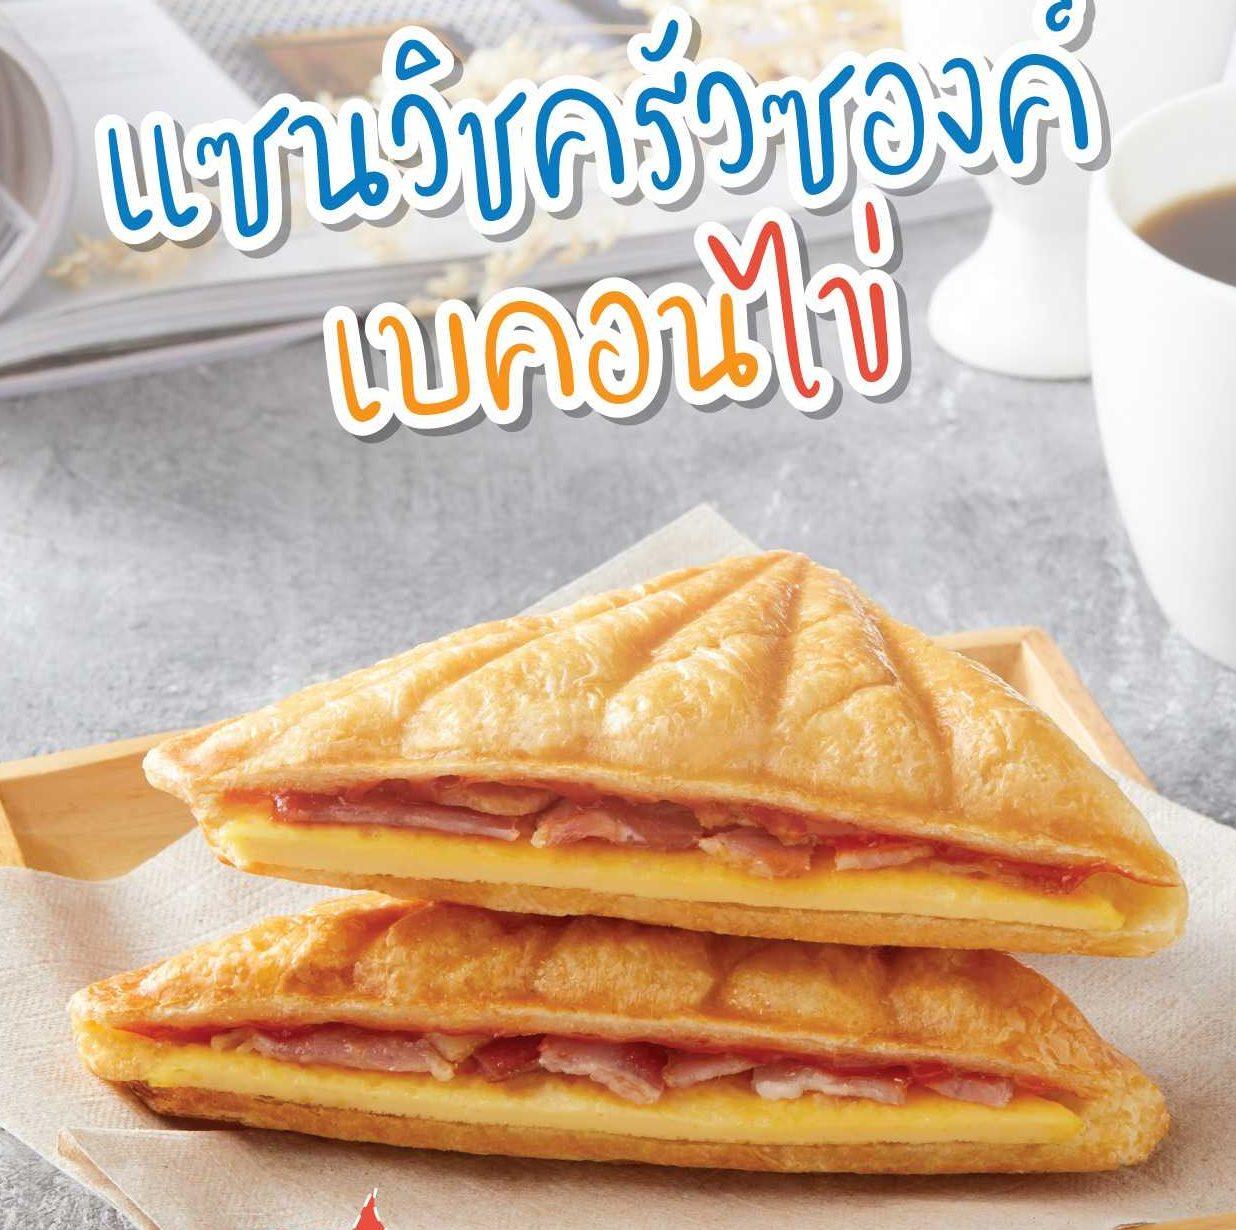 Makanan 7-11 thailand yang wajib dibeli sandwich